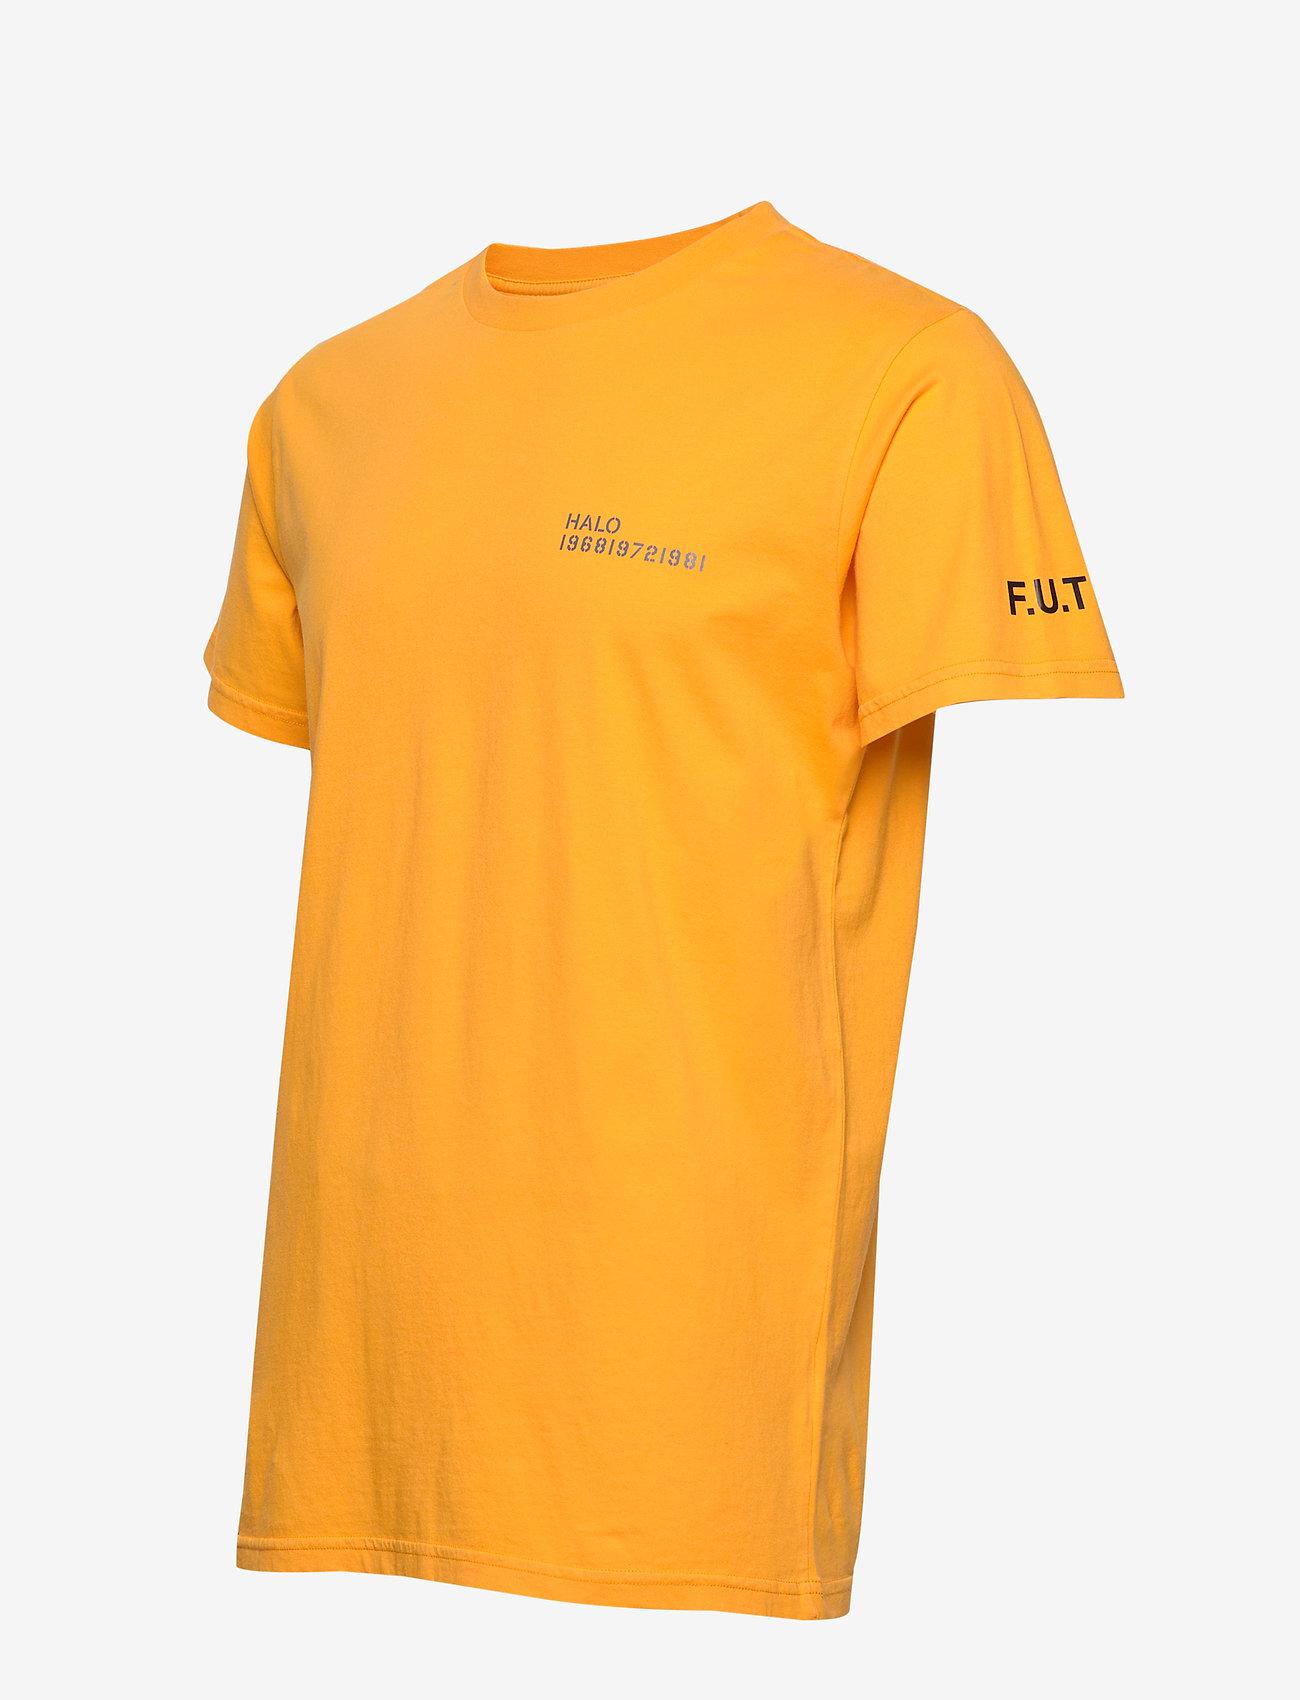 HALO HALO Cotton Tee - T-skjorter GOLD FUSION - Menn Klær